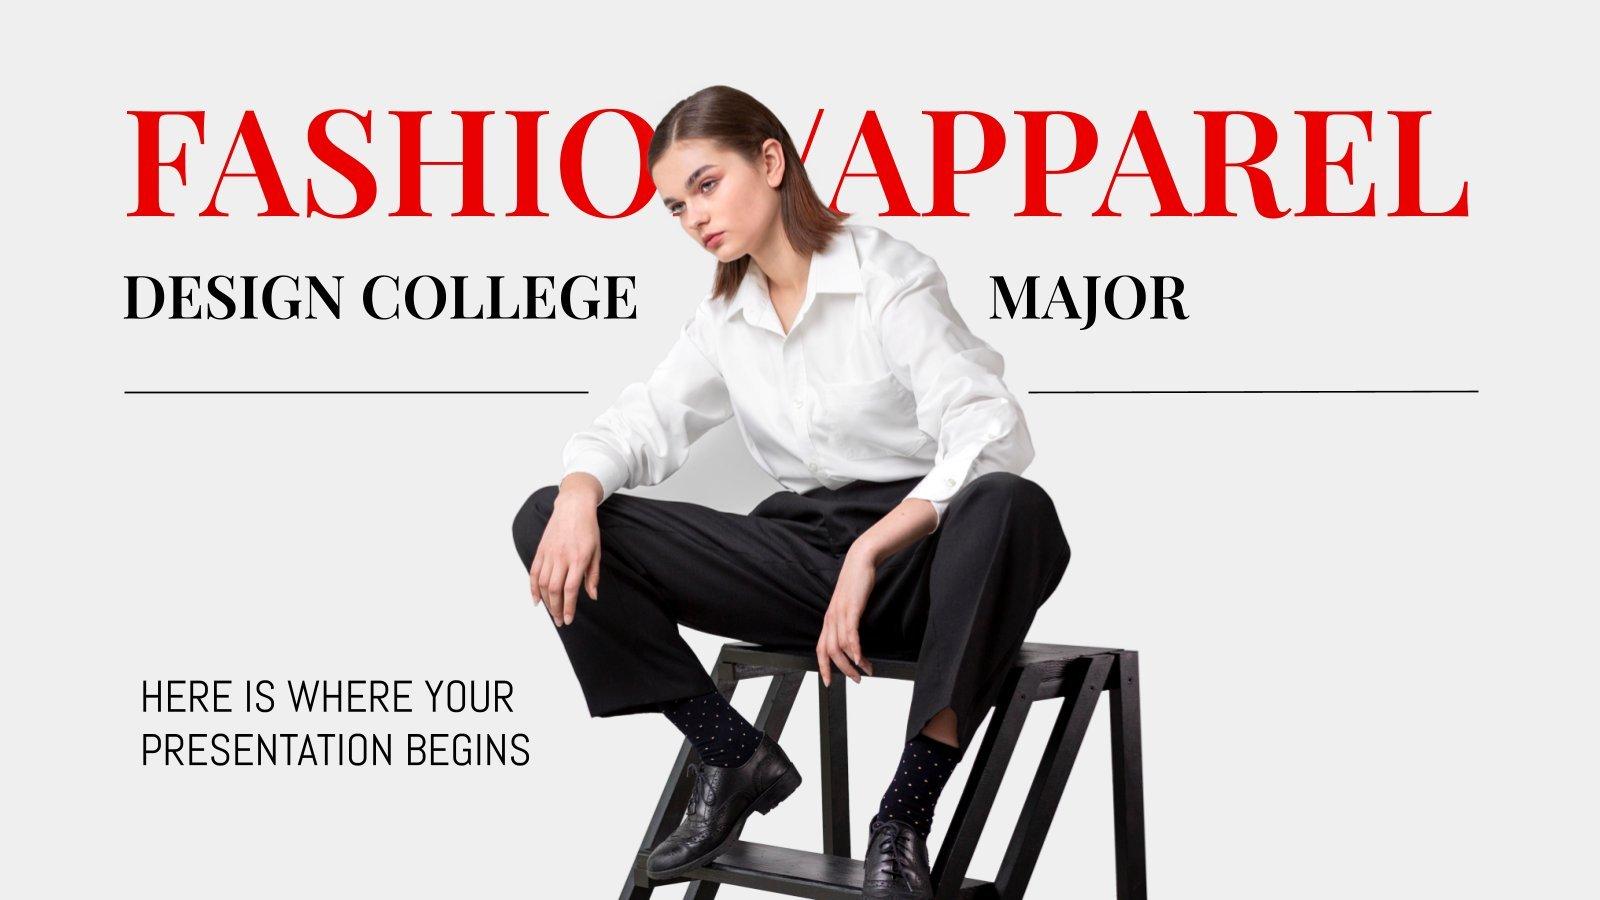 Études universitaires en design de mode : Modèles de présentation